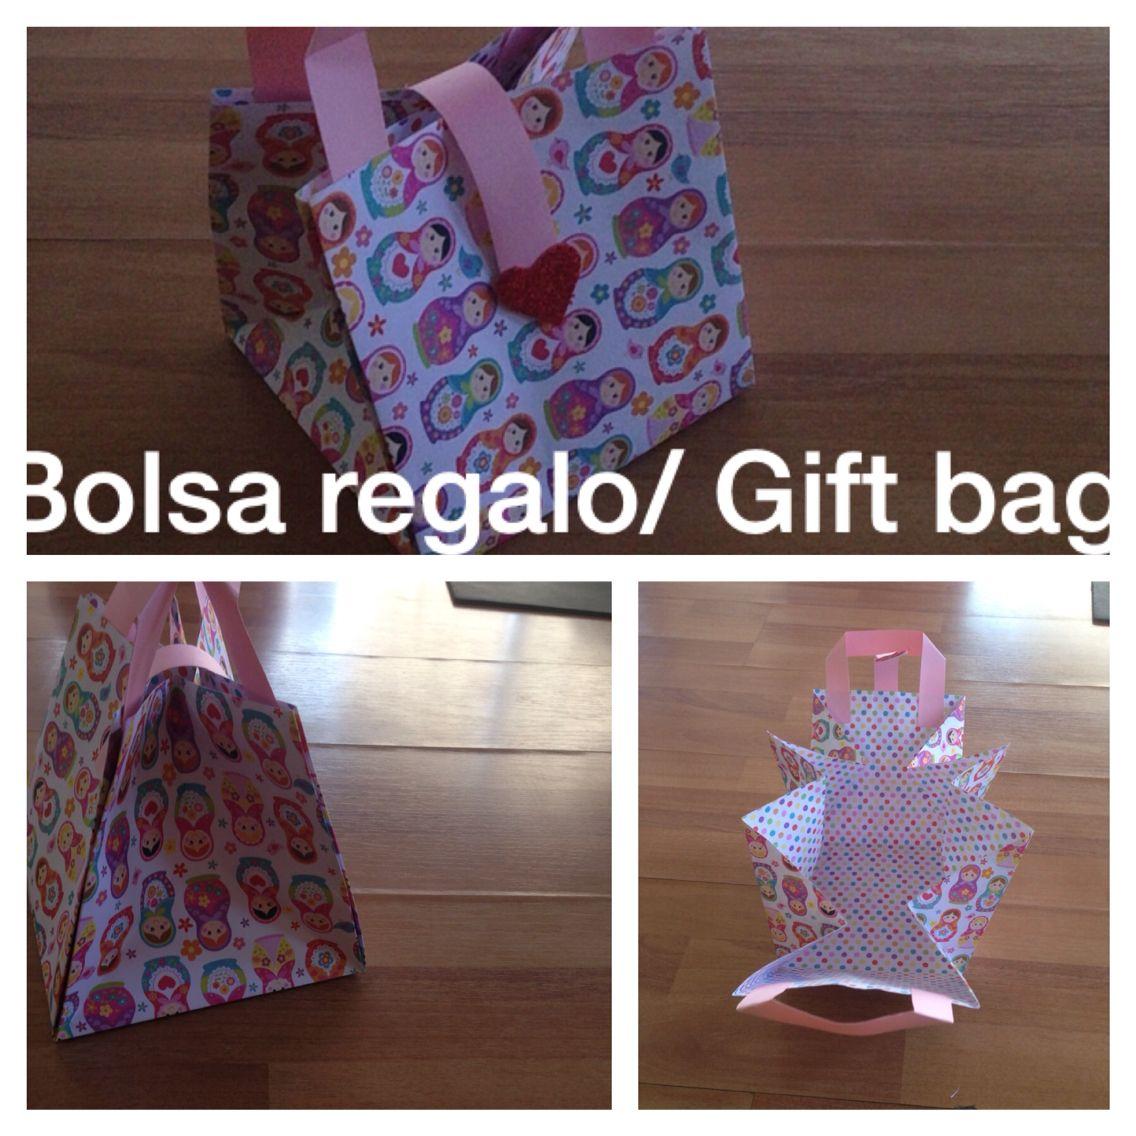 Bolsa para regalo. Gift bag.